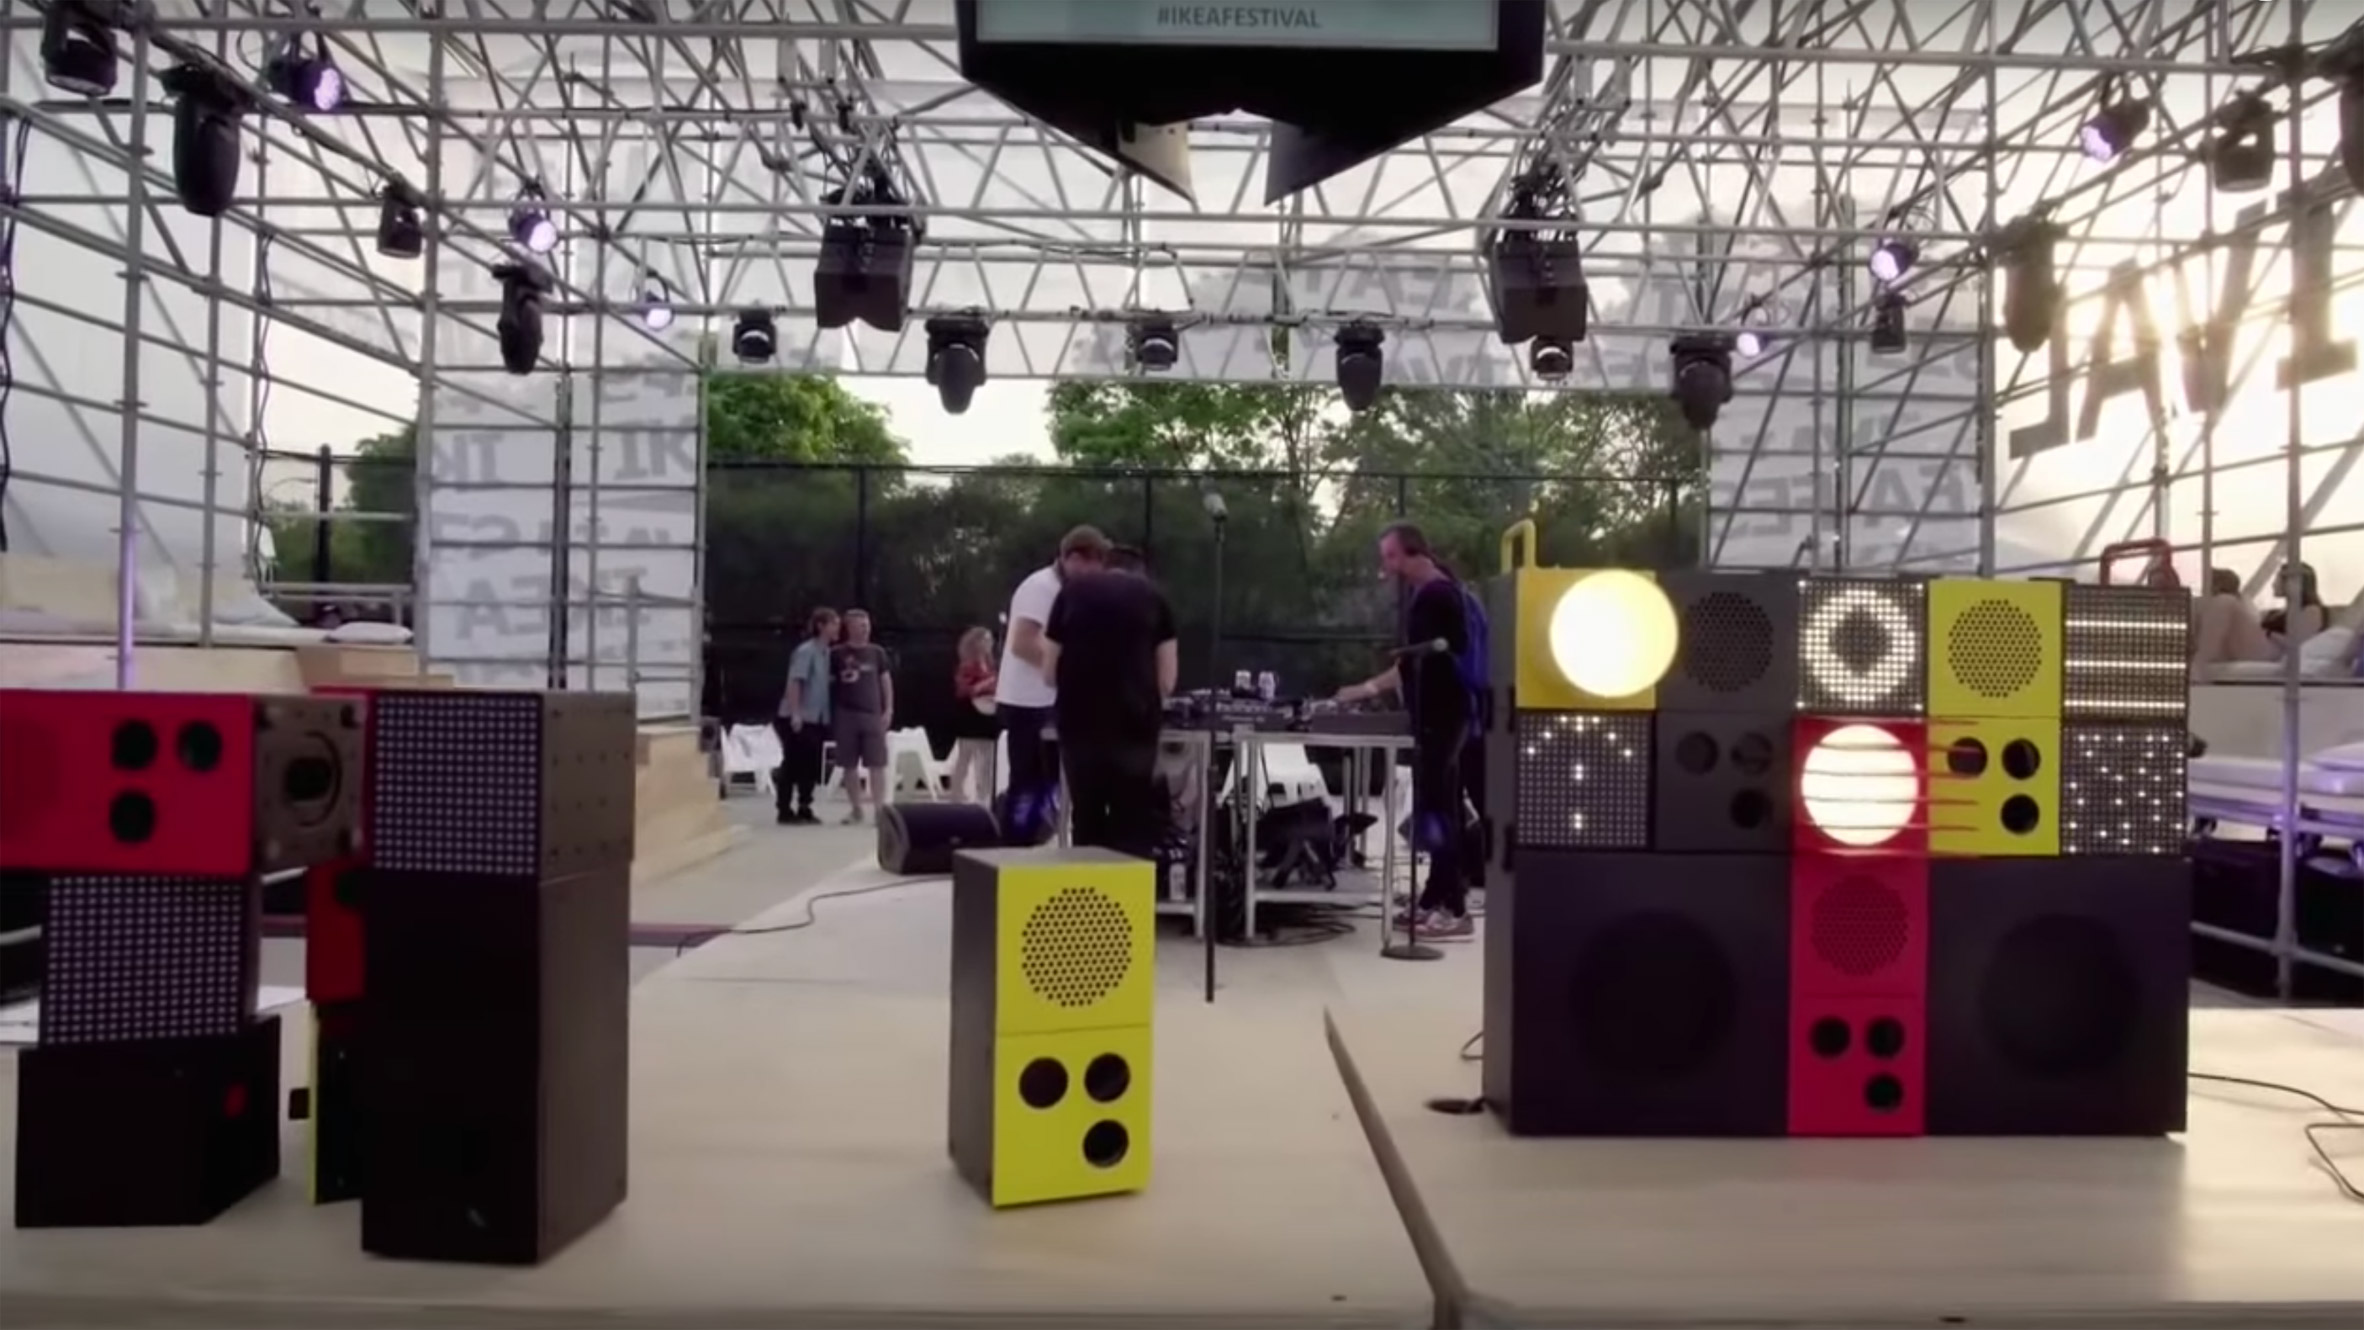 ikea-teenage-engineering-frekvens-speakers-lights_dezeen_2364_col_3.jpg